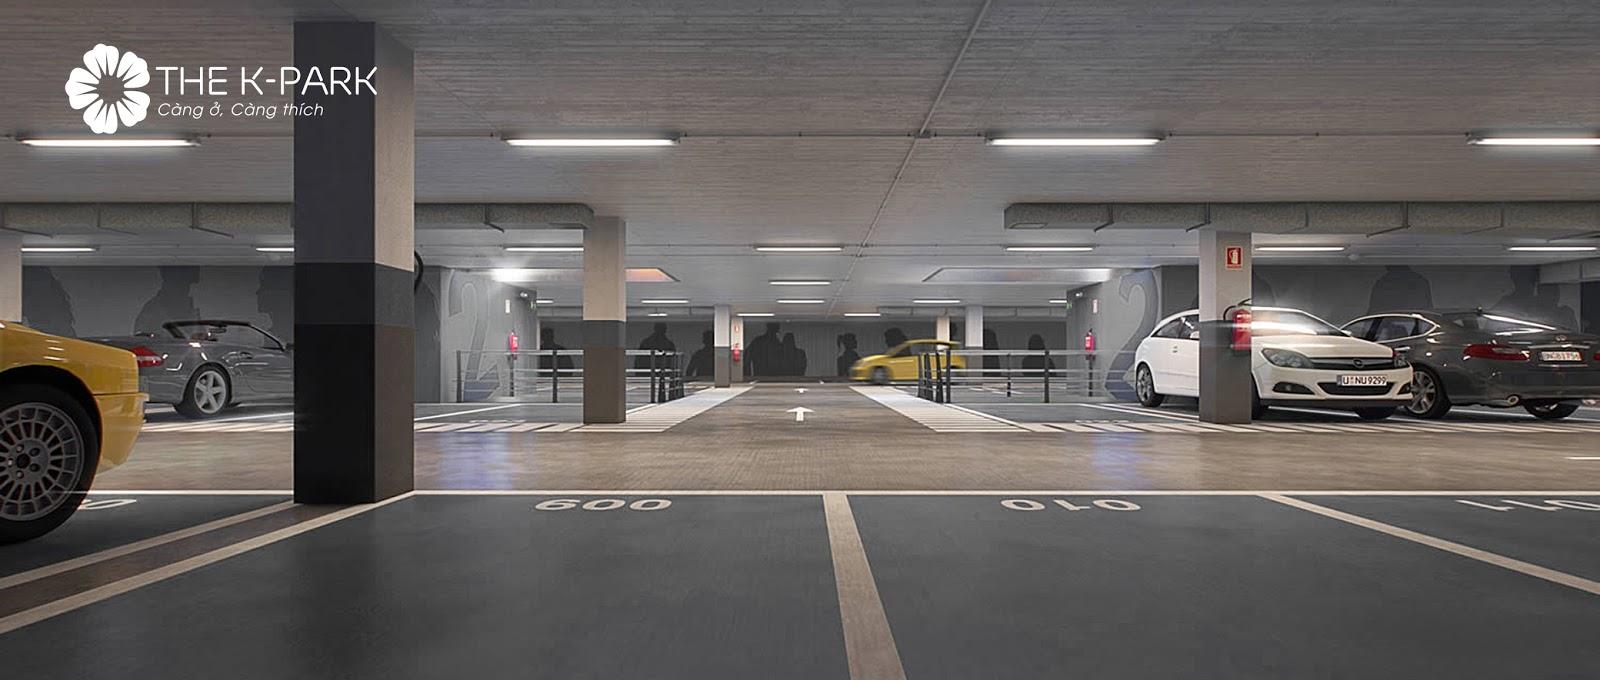 Hầm để xe tại chung cư The K Park